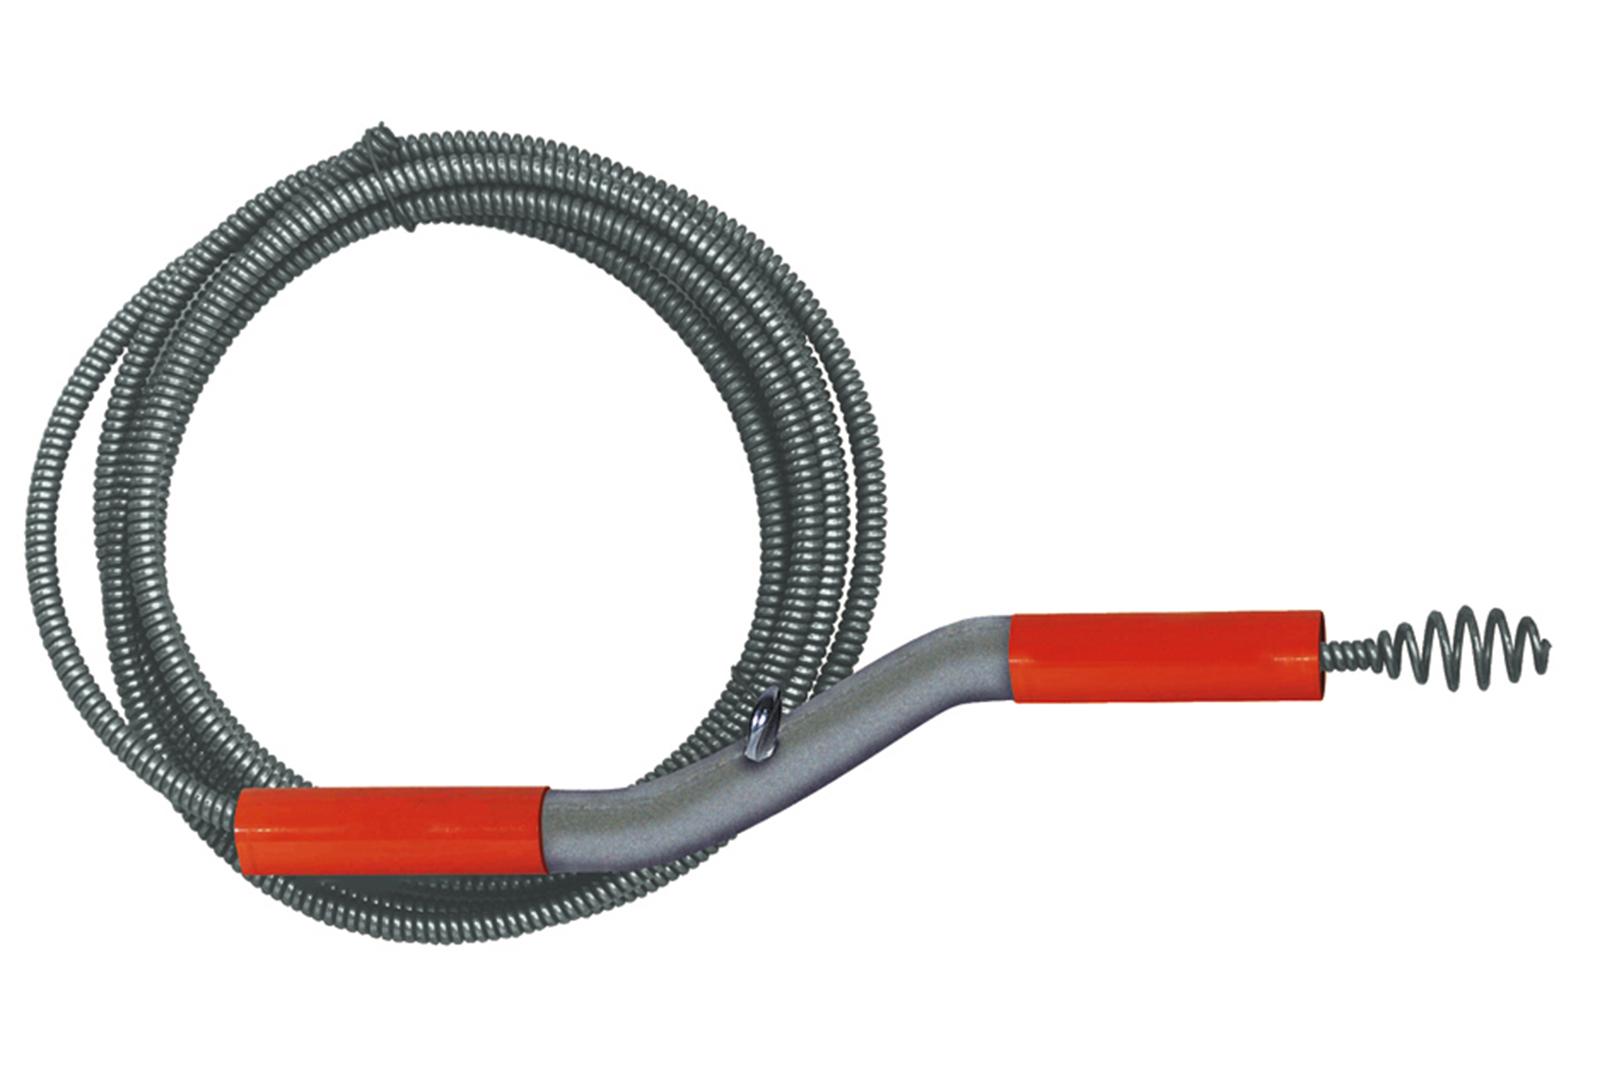 Купить Трос для прочистки General pipe 50fl1-dh